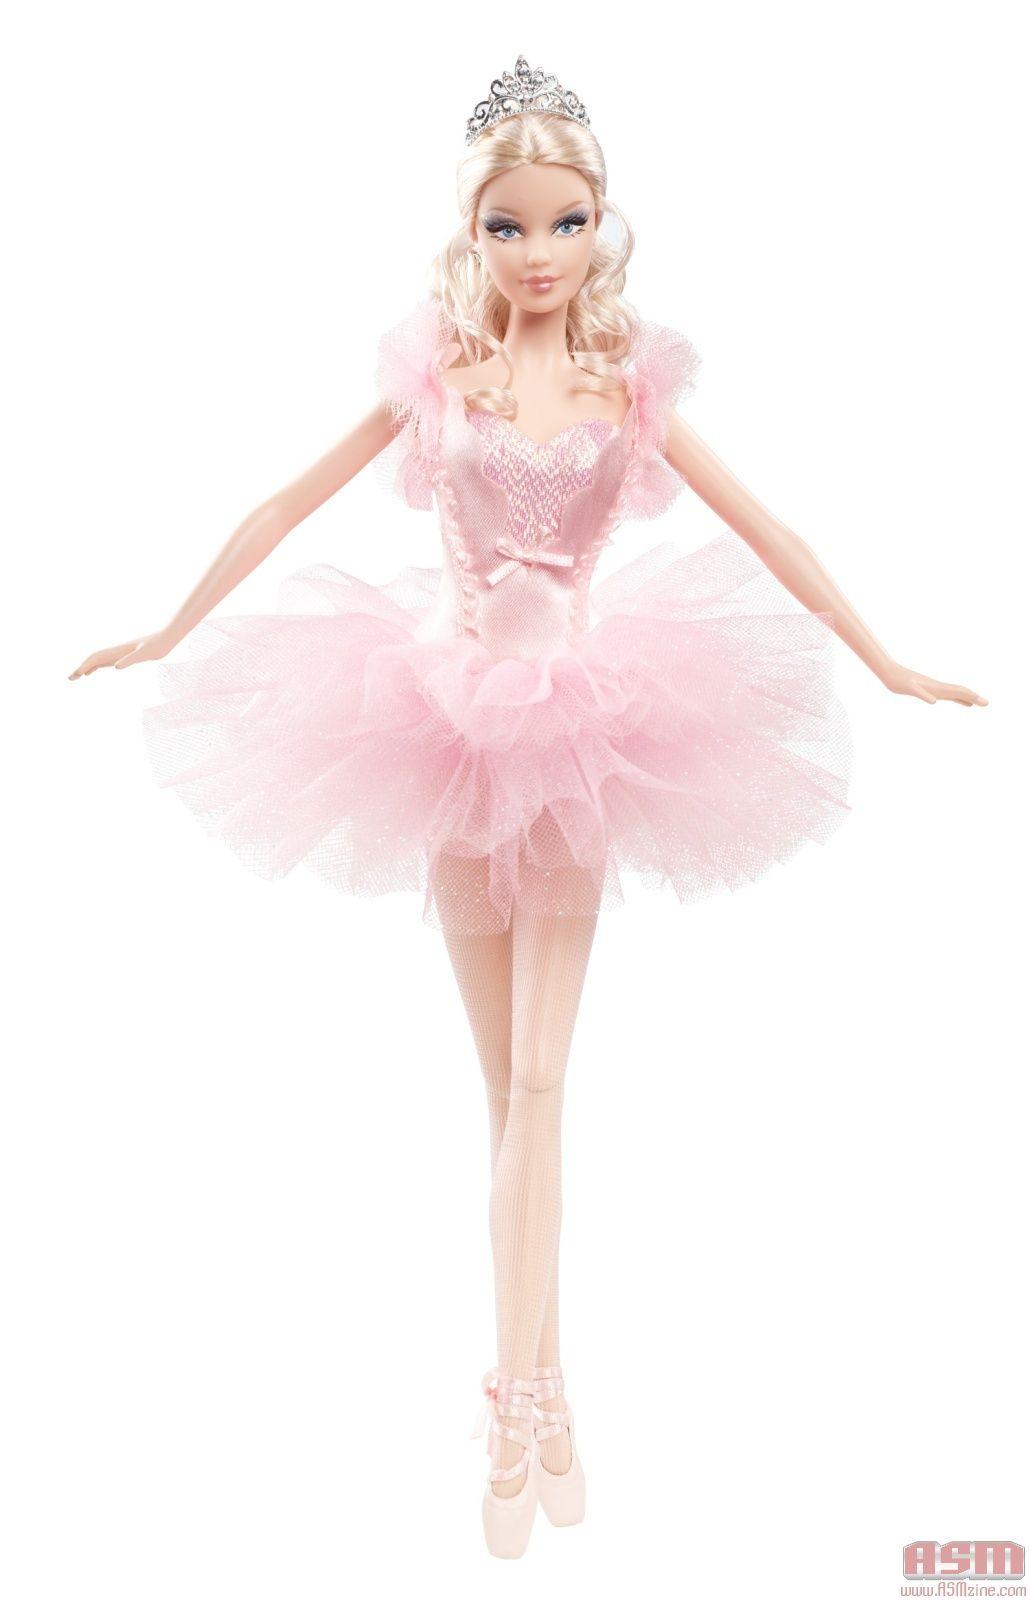 Christmas wish ballerina ballerina 2